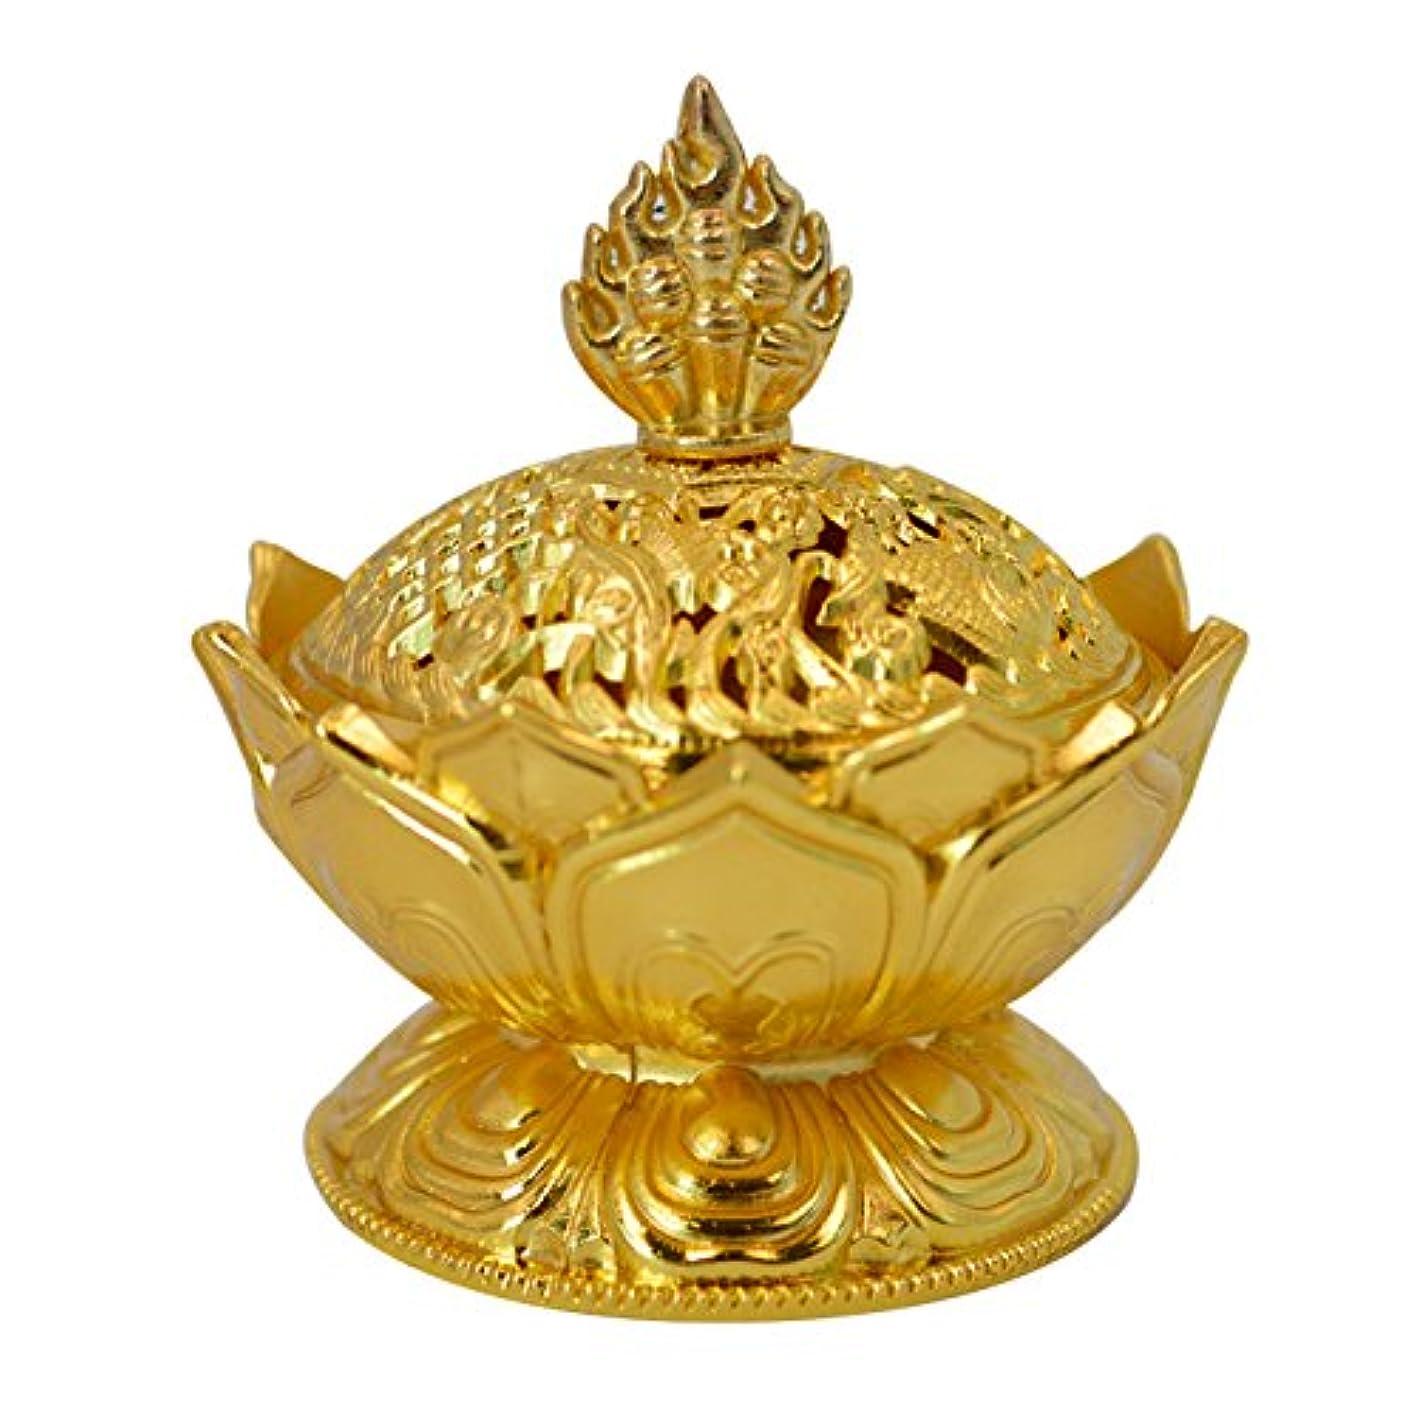 春中断警報Buddha Lotus Flower香炉合金メタルIncense Holder Censerクリエイティブクリスマスプレゼント One Size ゴールド